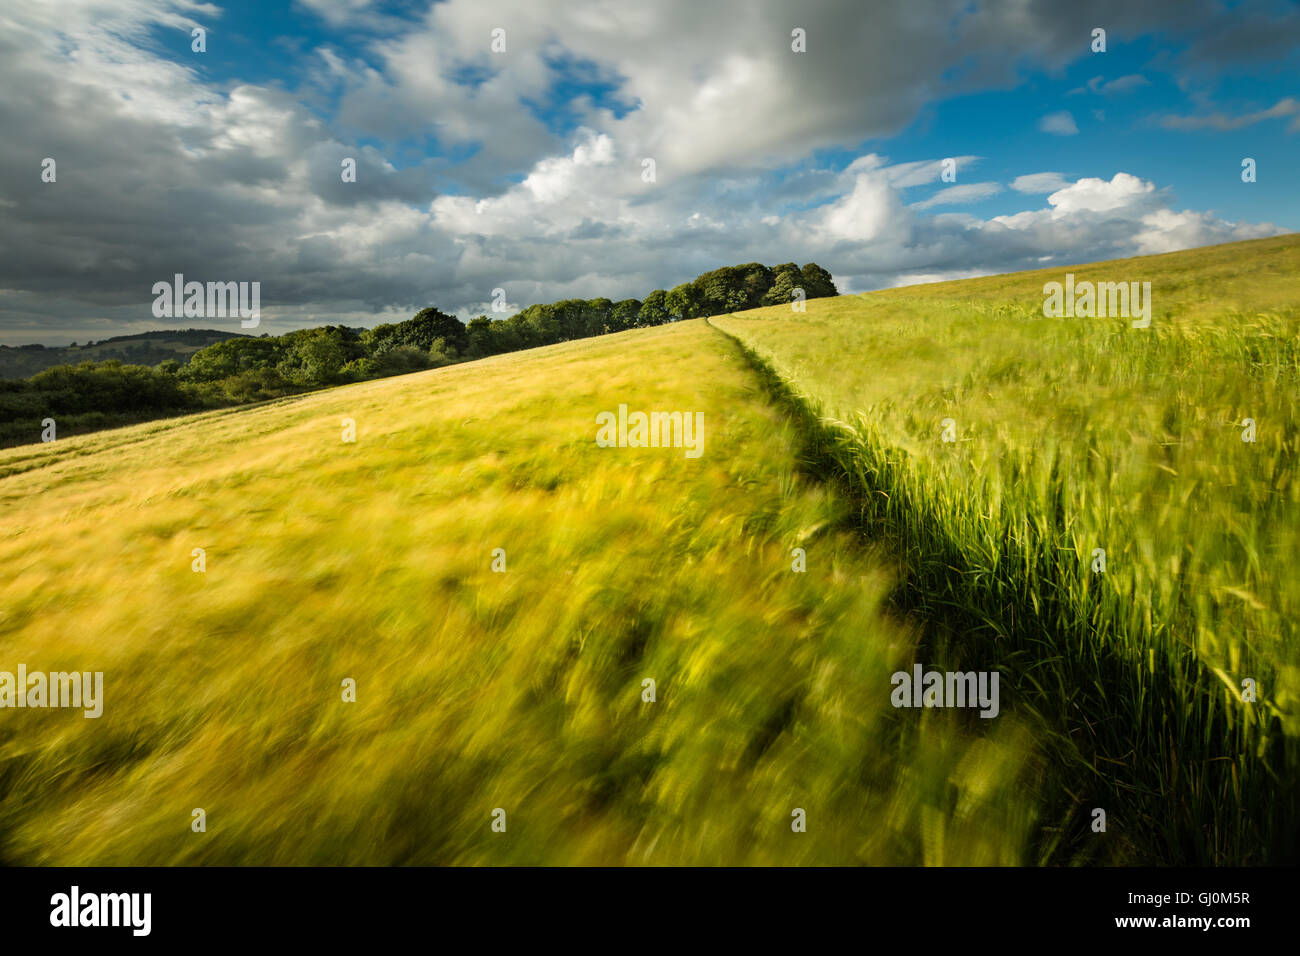 Un campo de cebada cerca de Cerne Abbas, Dorset, Inglaterra Imagen De Stock